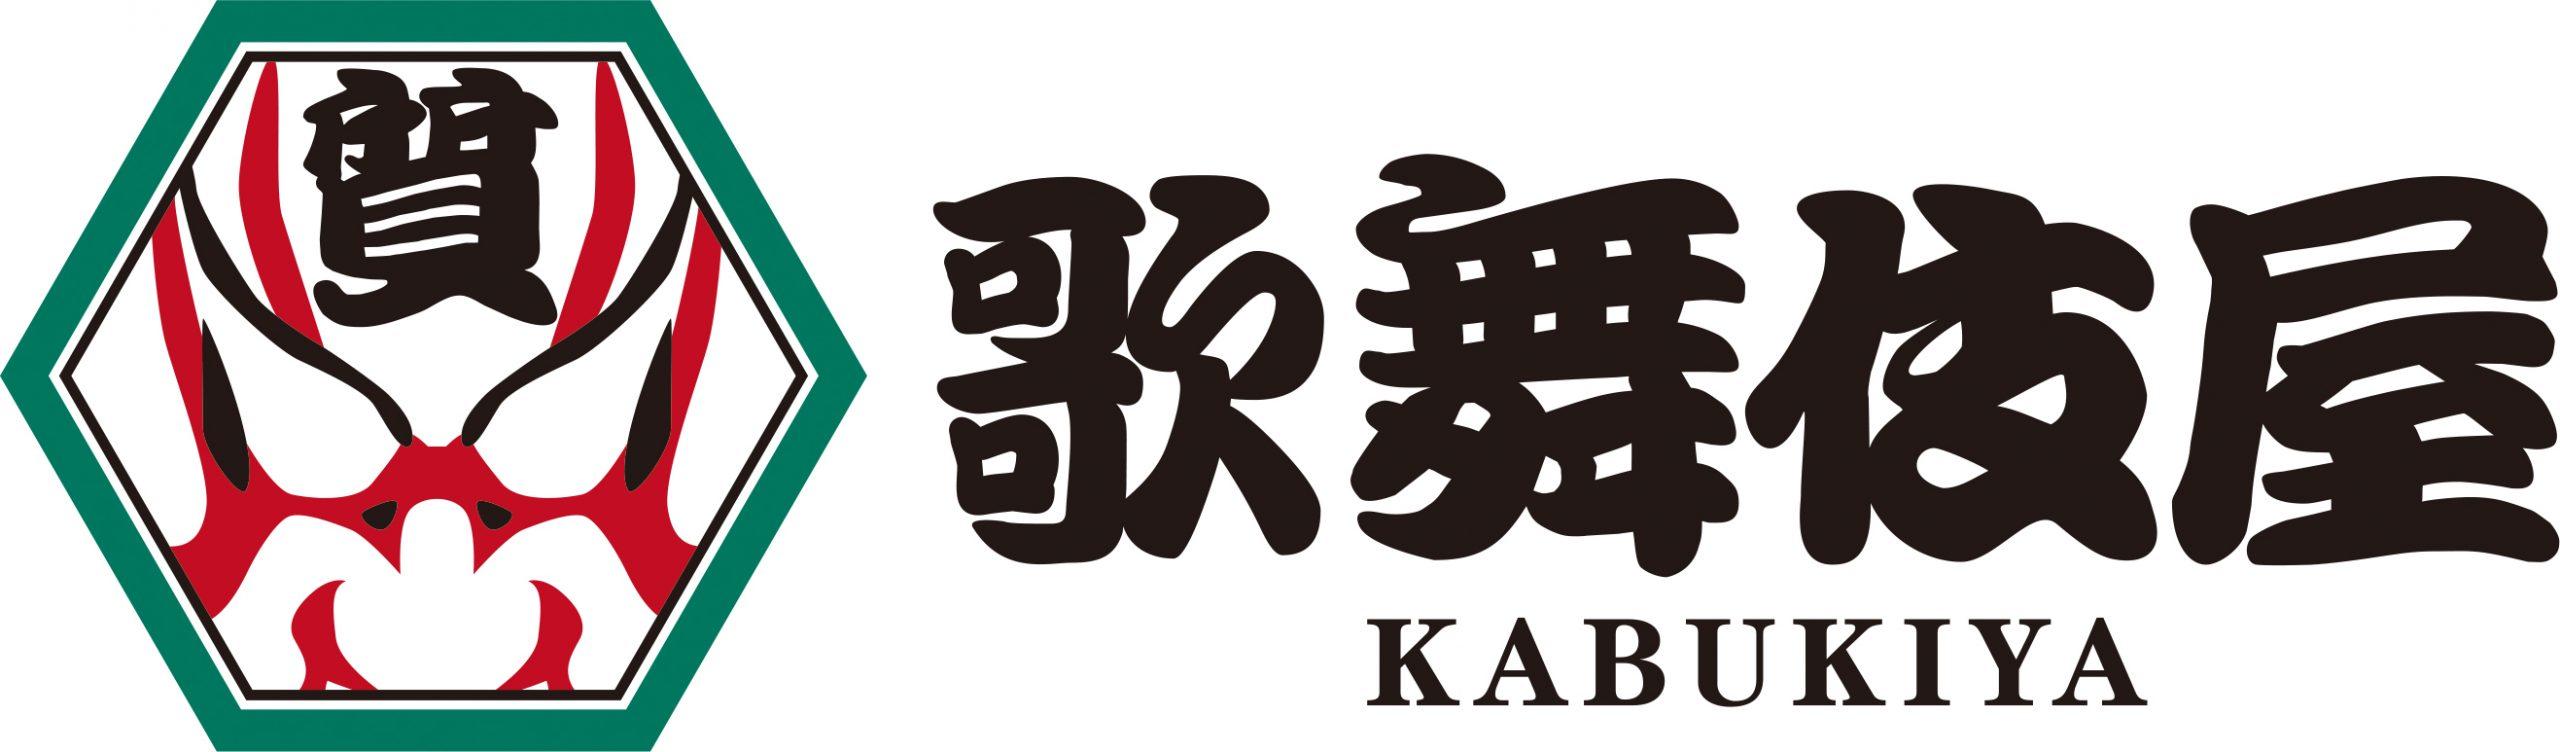 KABUKIYA